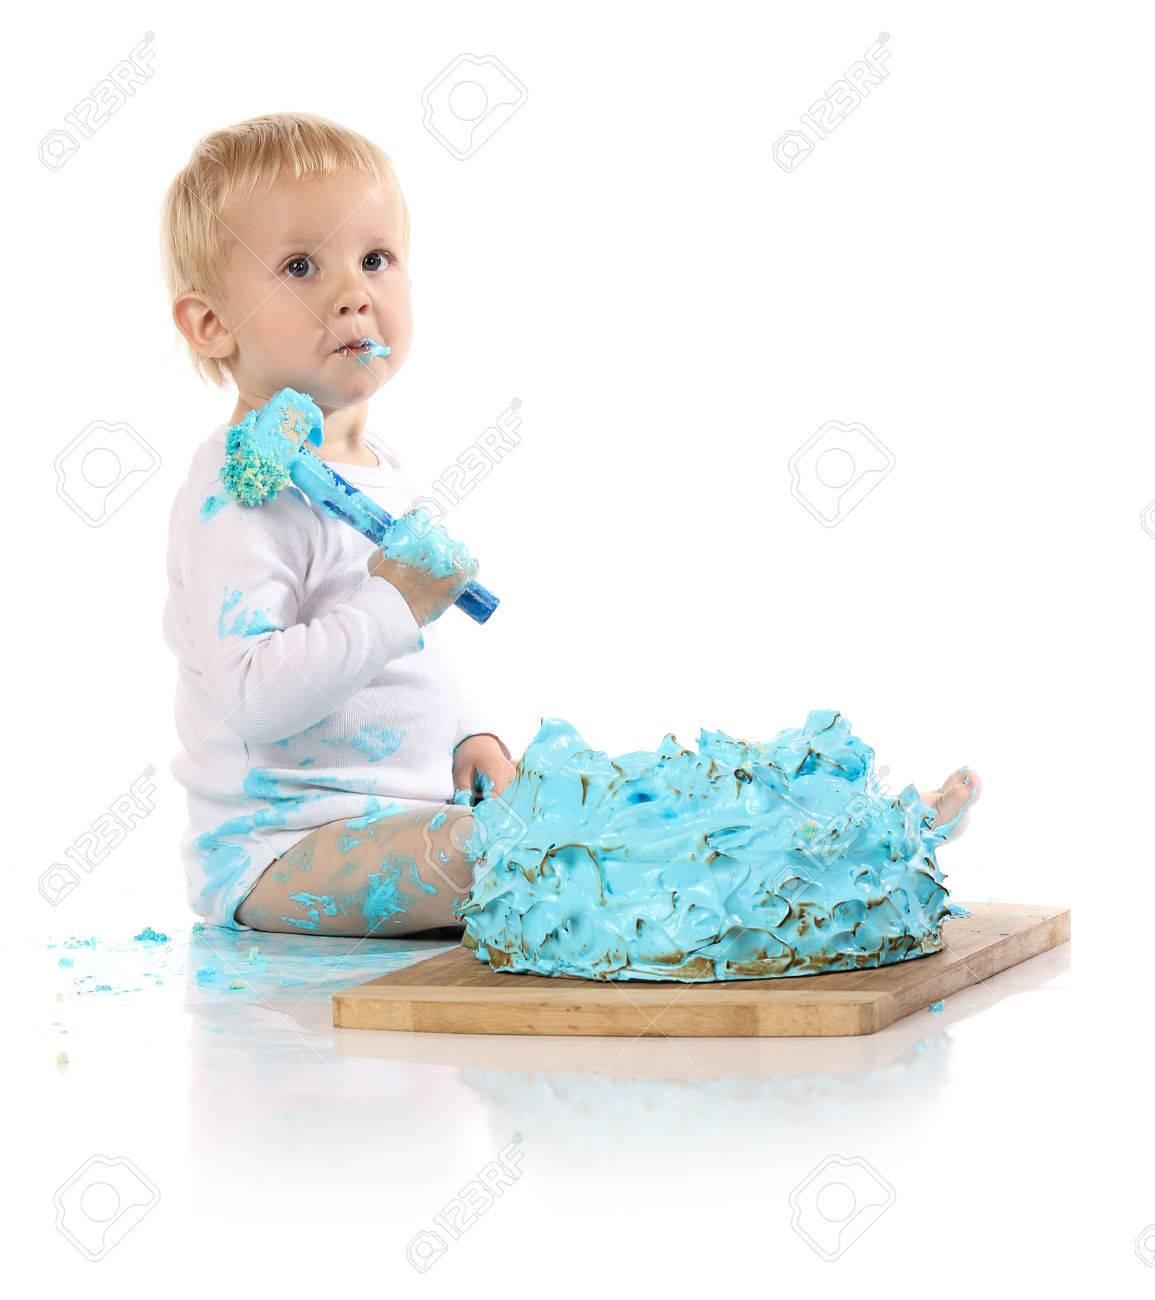 A Un Ano De Edad Bebe Rompiendo Un Helado Torta De Cumpleanos Azul